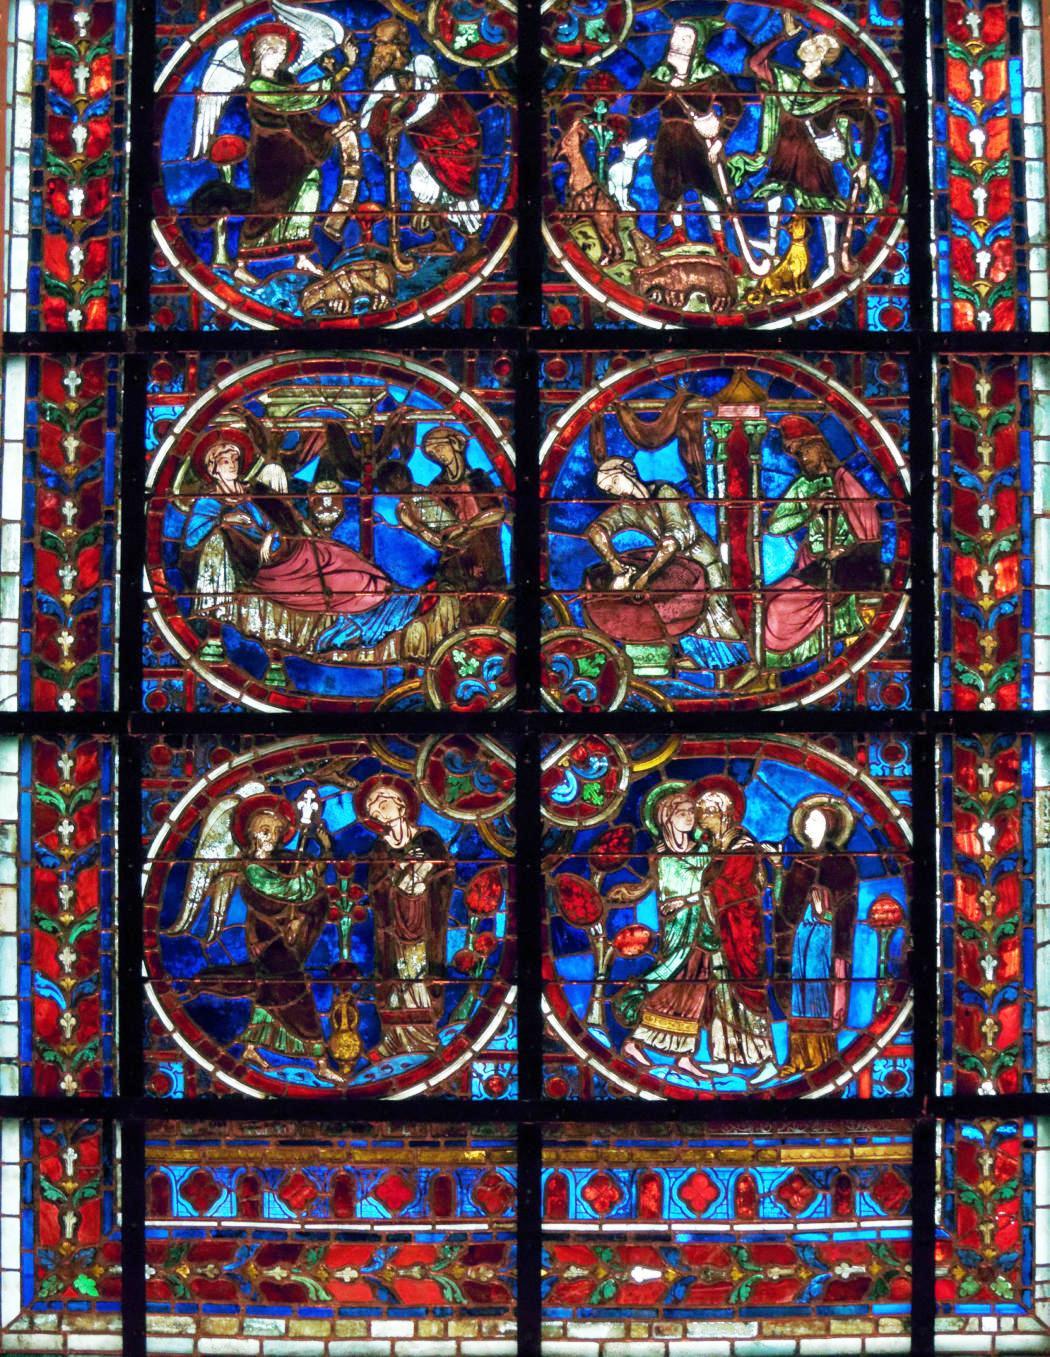 витраж: Благовещение, встреча Марии и Елизаветы, Рождество и видение пастухам